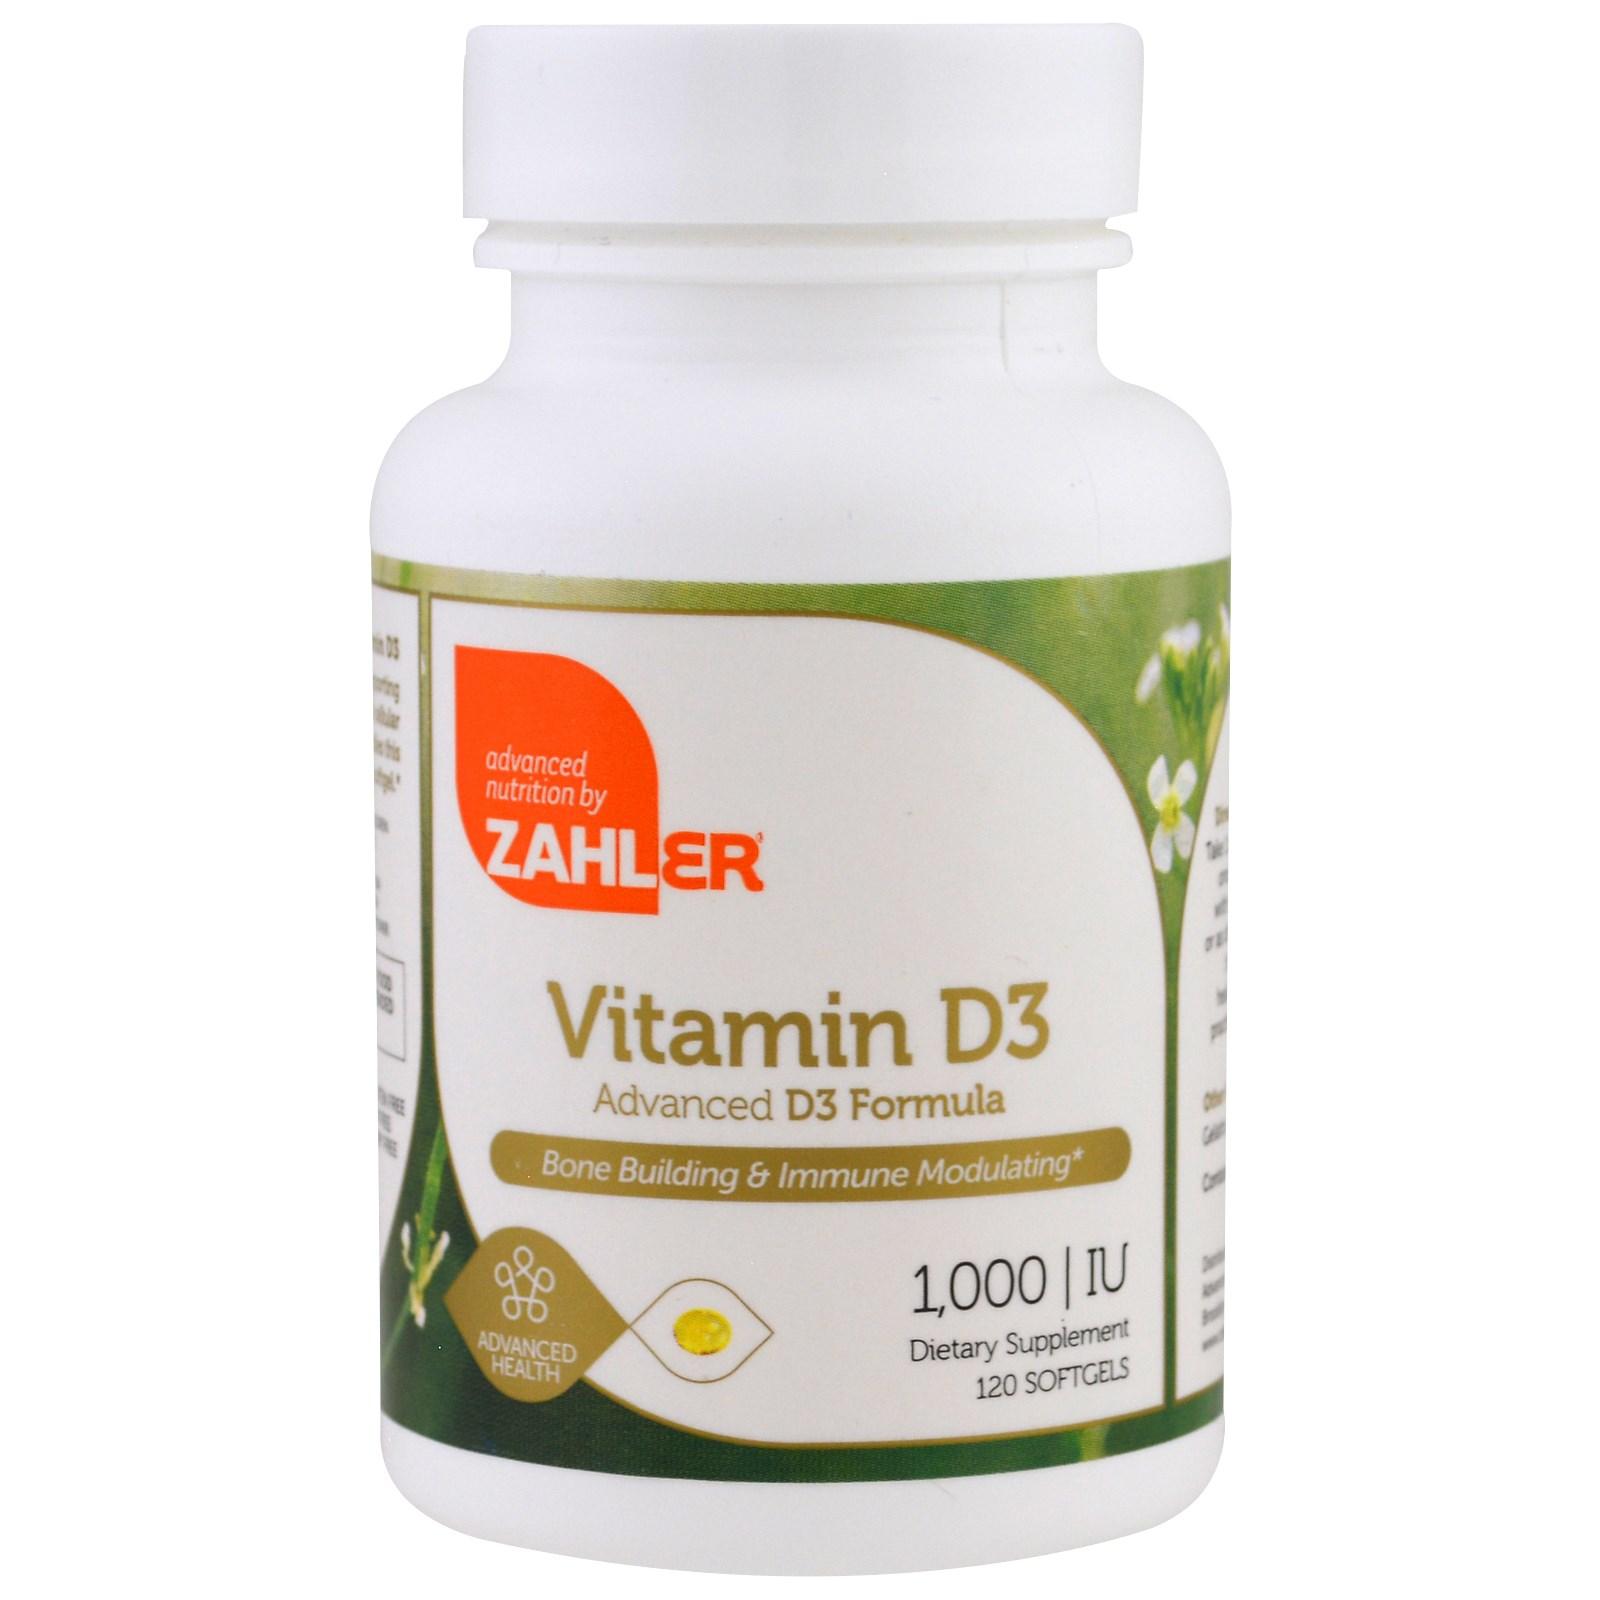 Zahler, Витамин D3, Продвинутая формула витамина D3, 1000 МЕ, 120 мягких капсул